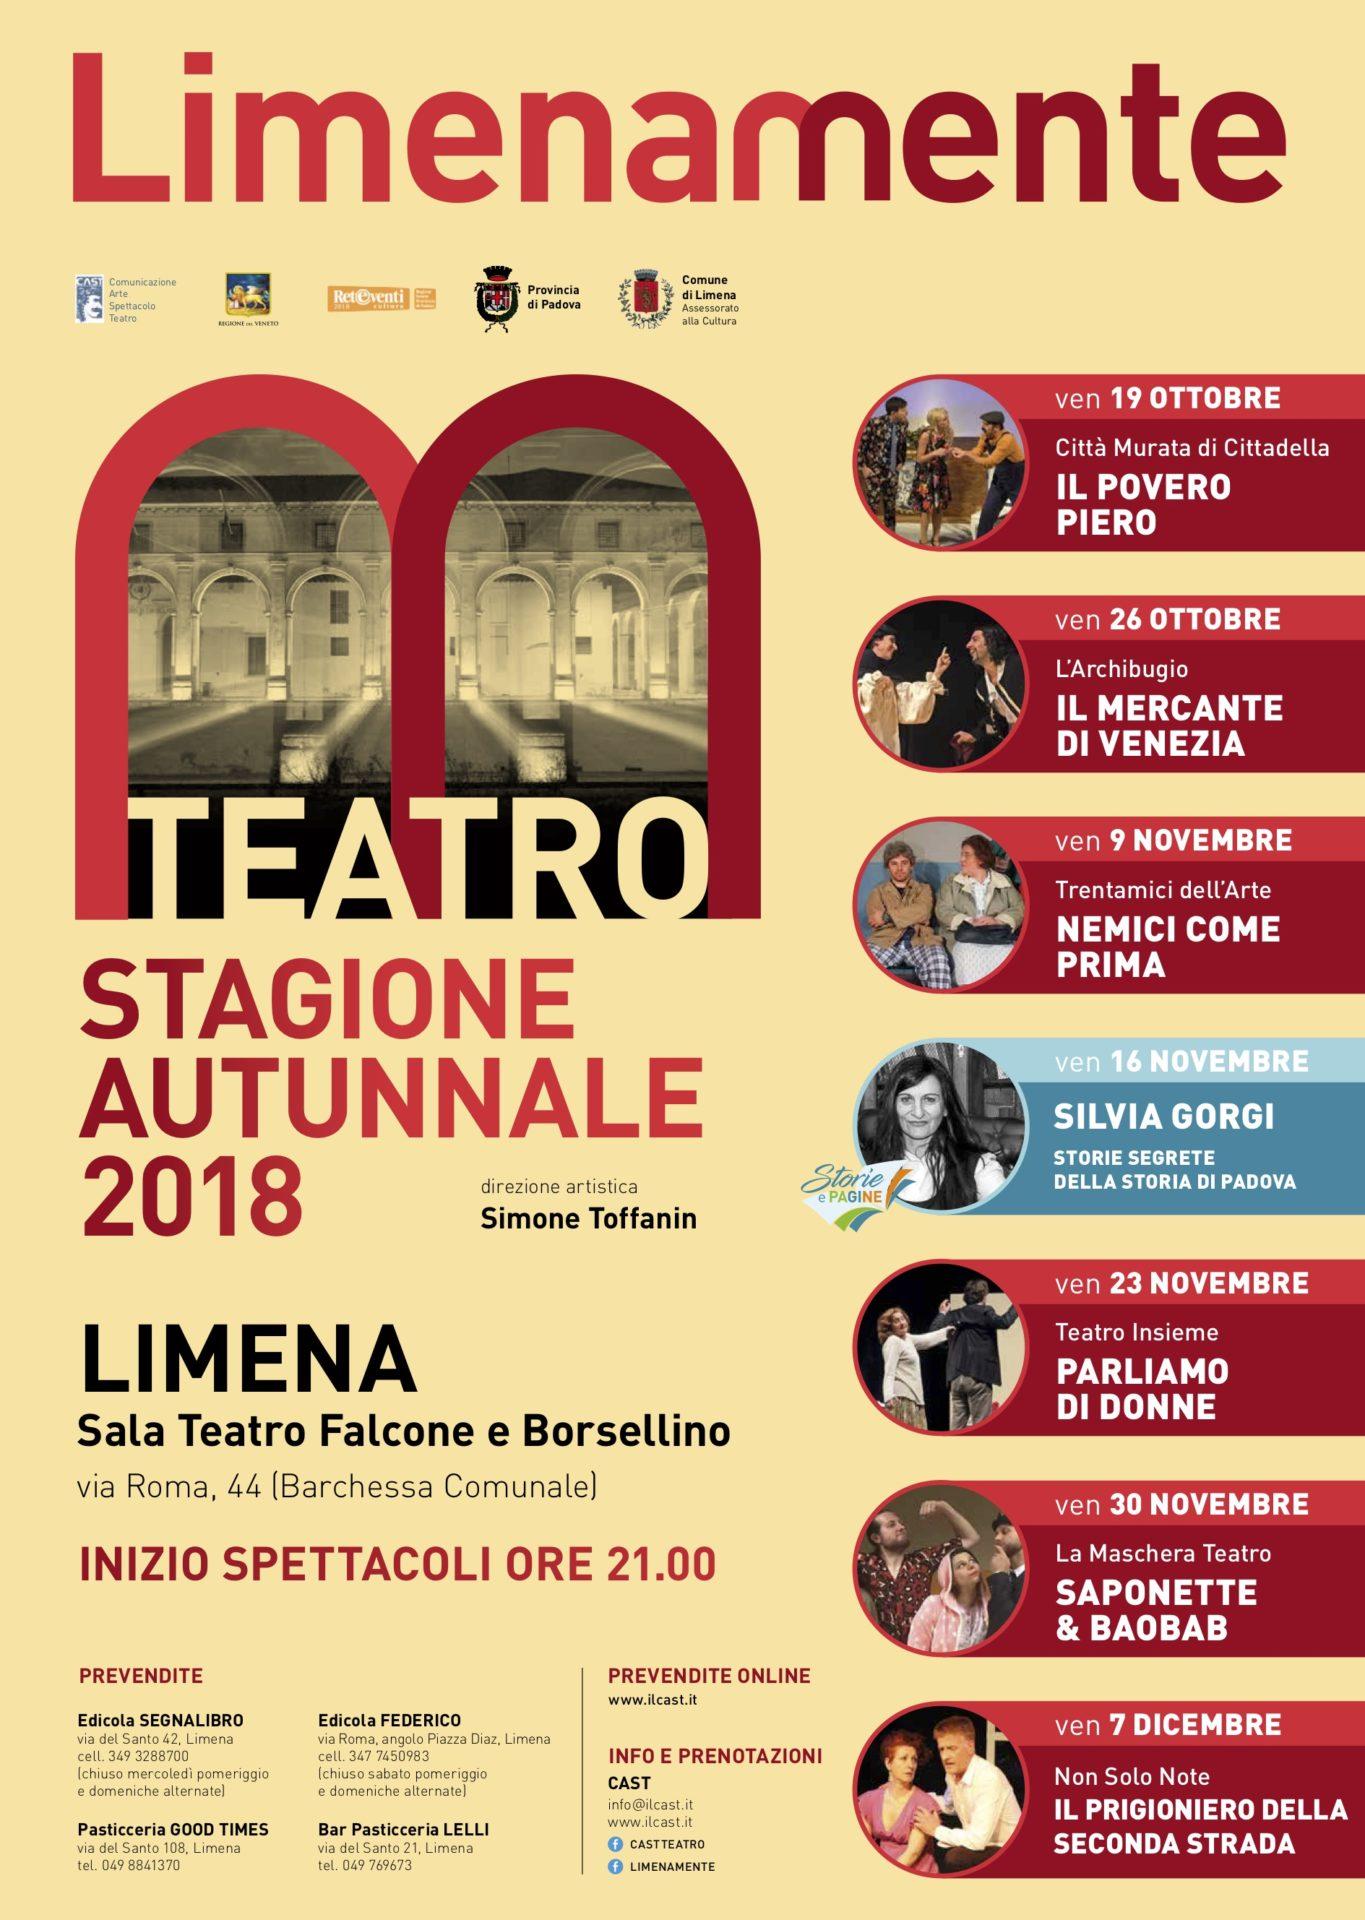 Limenamente Teatro autunno 2018